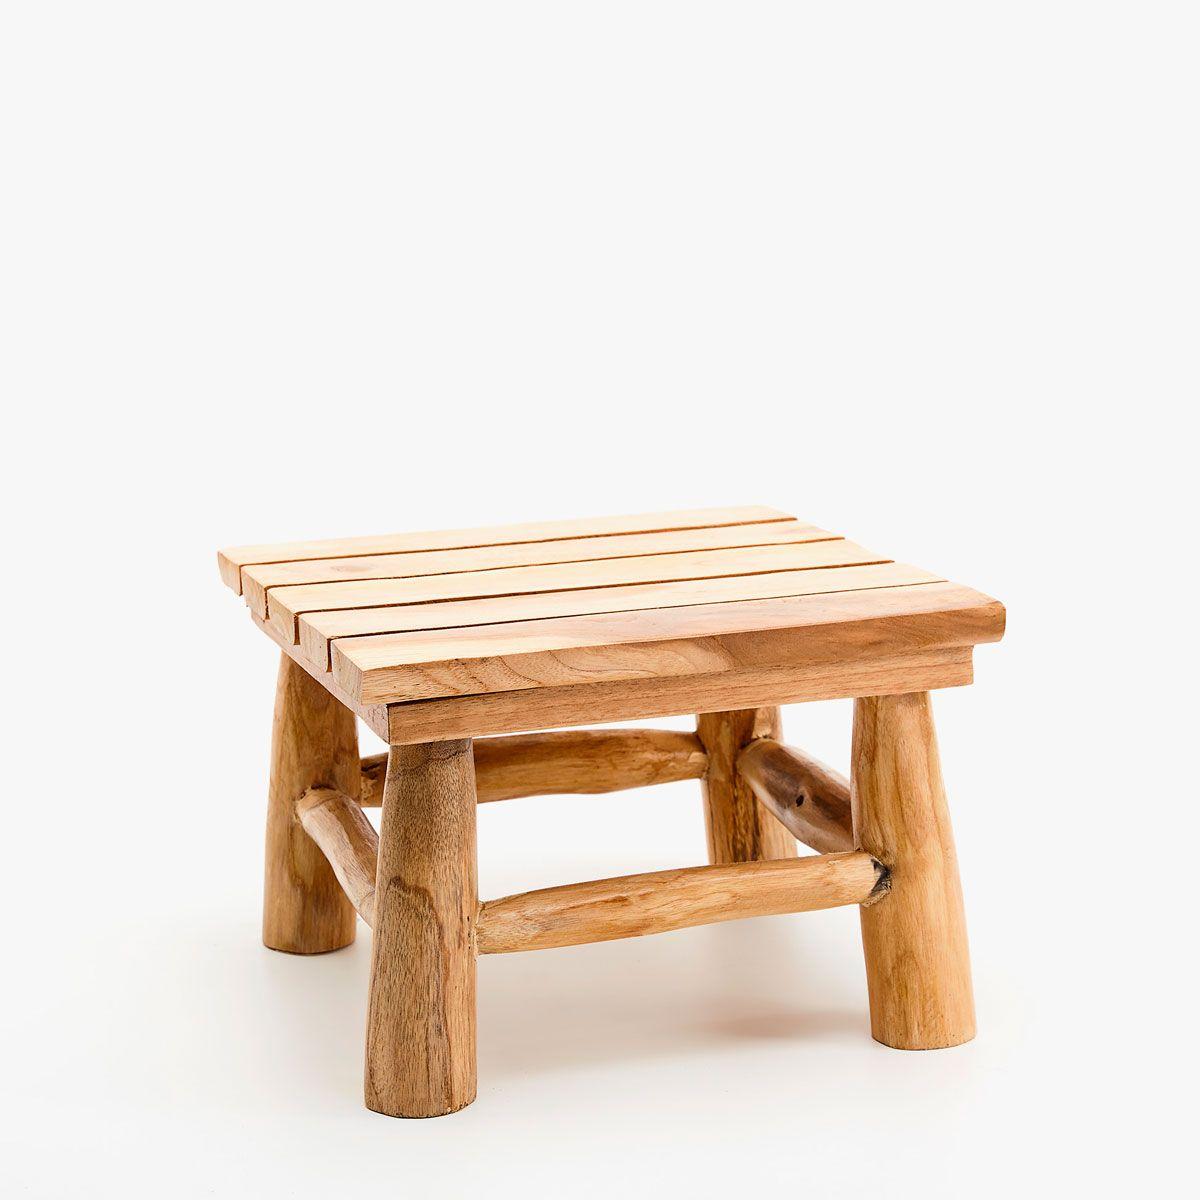 Imagen 1 Del Producto Taburetes Rusticos Decoracion De Muebles